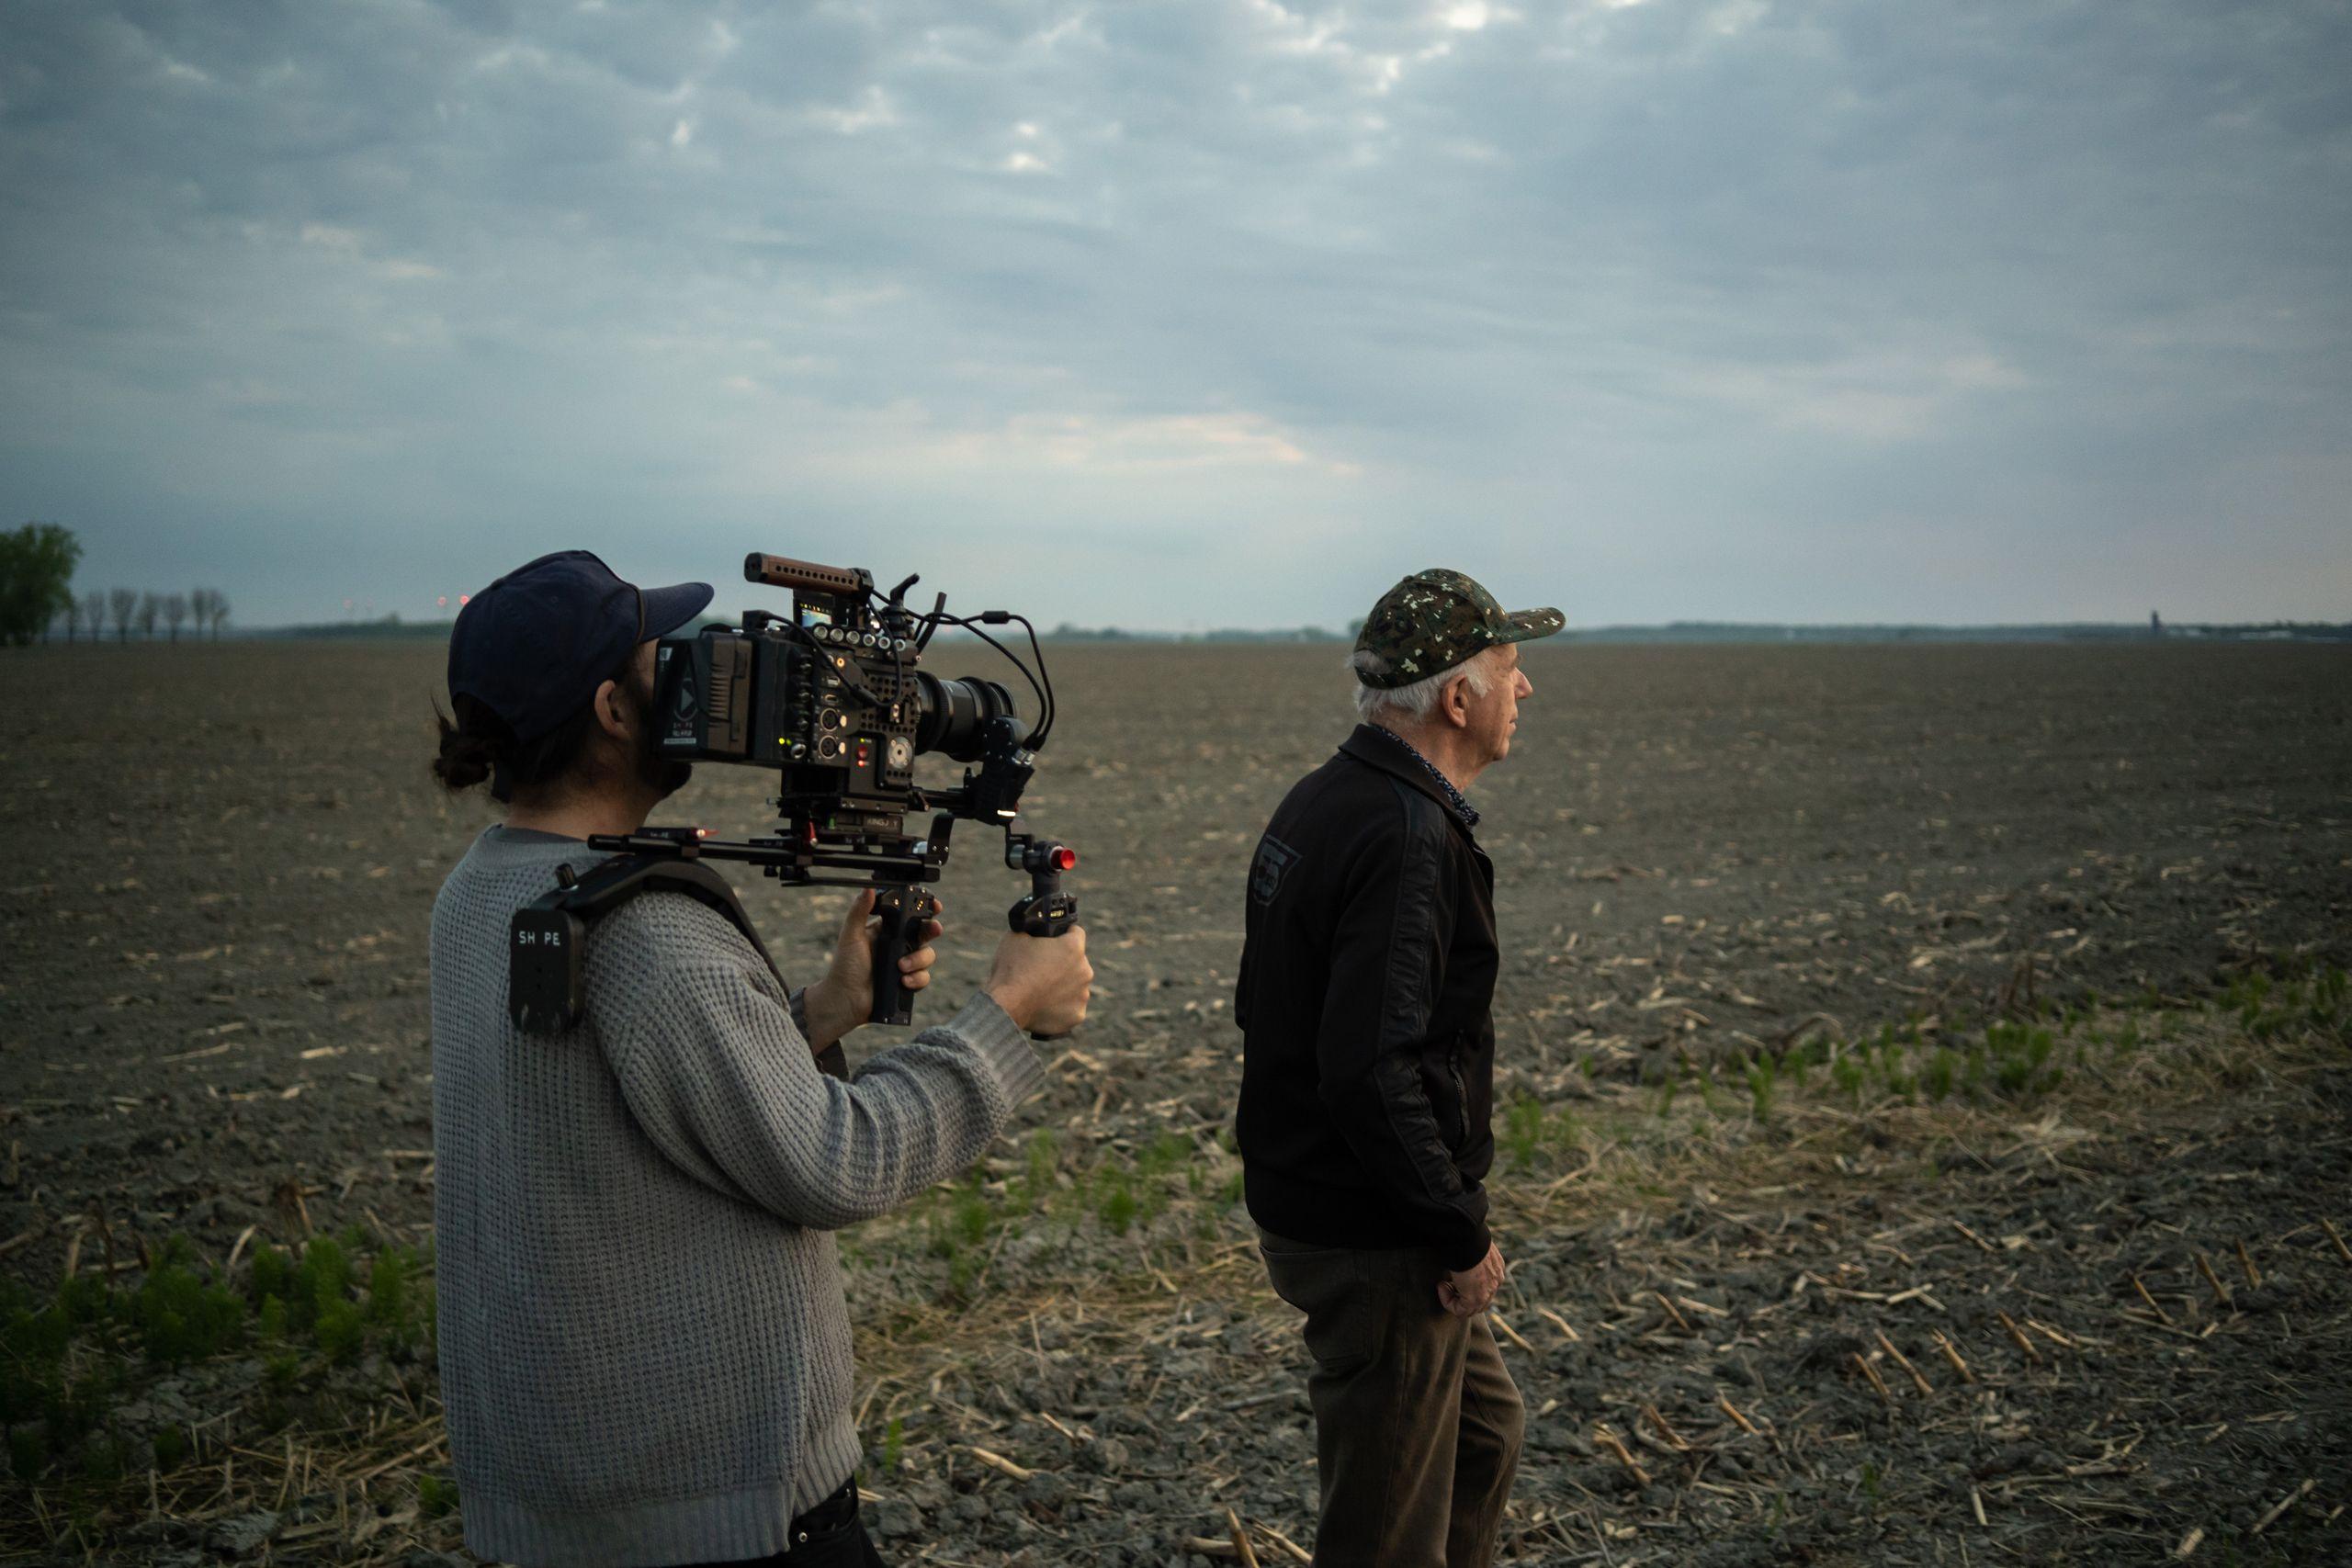 Image des coulisses. On voit un caméraman qui filme Jonas Sivo en train de marcher dans son champ.